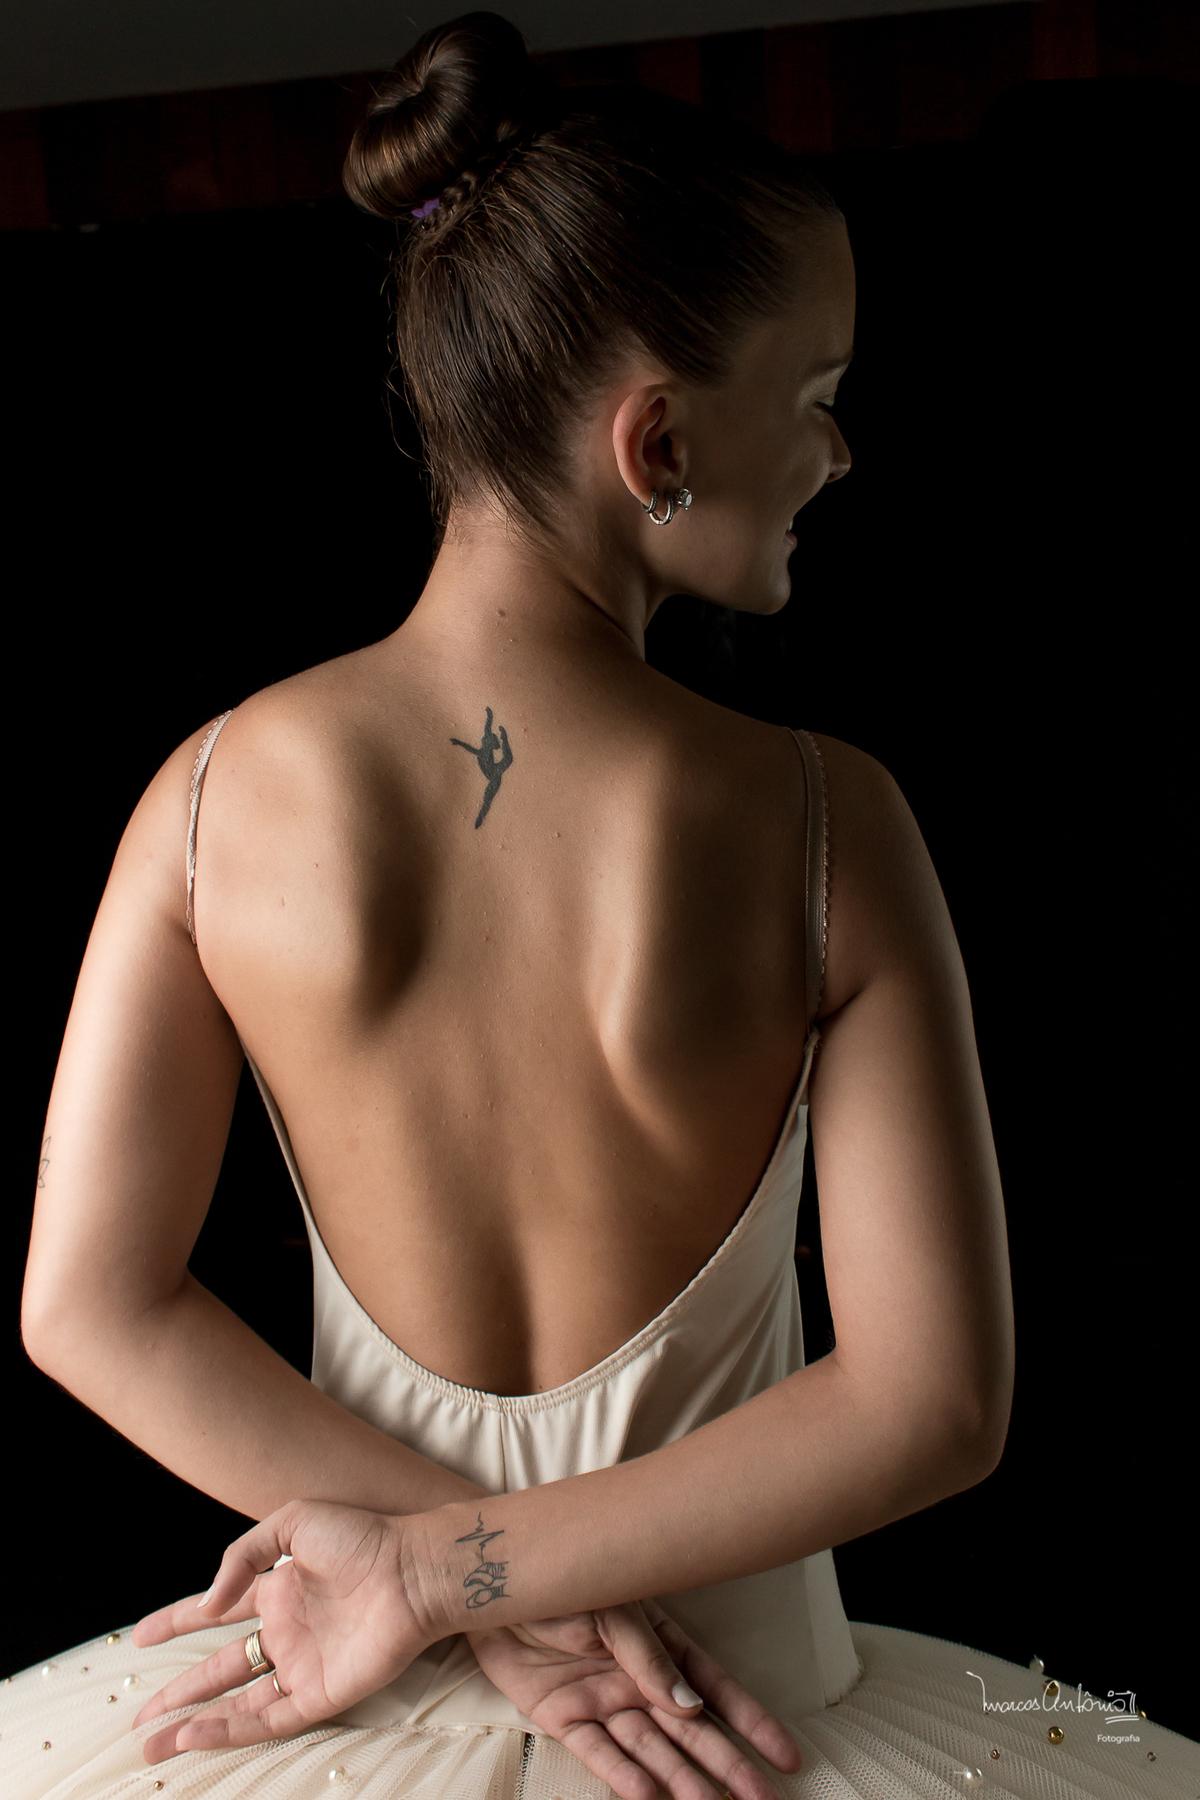 A bailarina, Brenda Lima, no camarim, preparando-se para seu ensaio.  #bailarina #ballet #danca